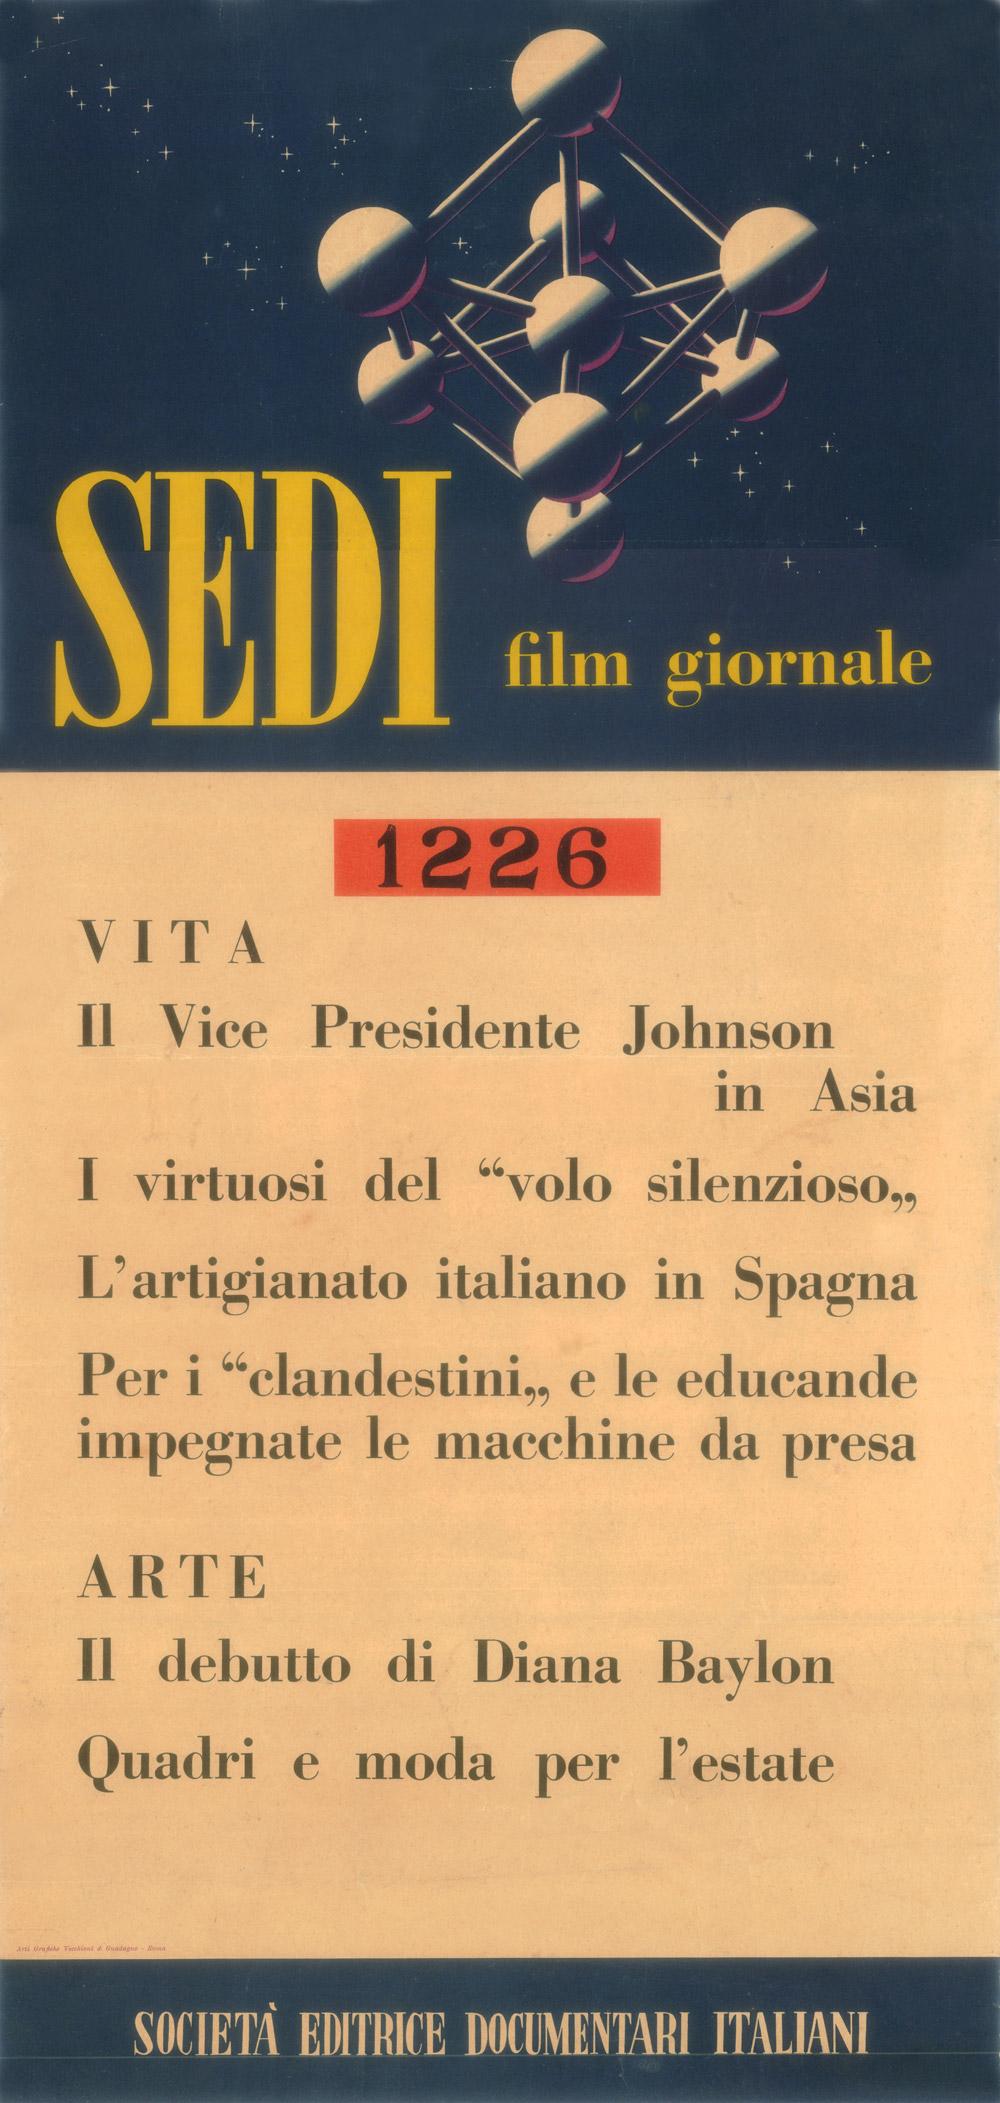 SEDI cinegiornale   1961